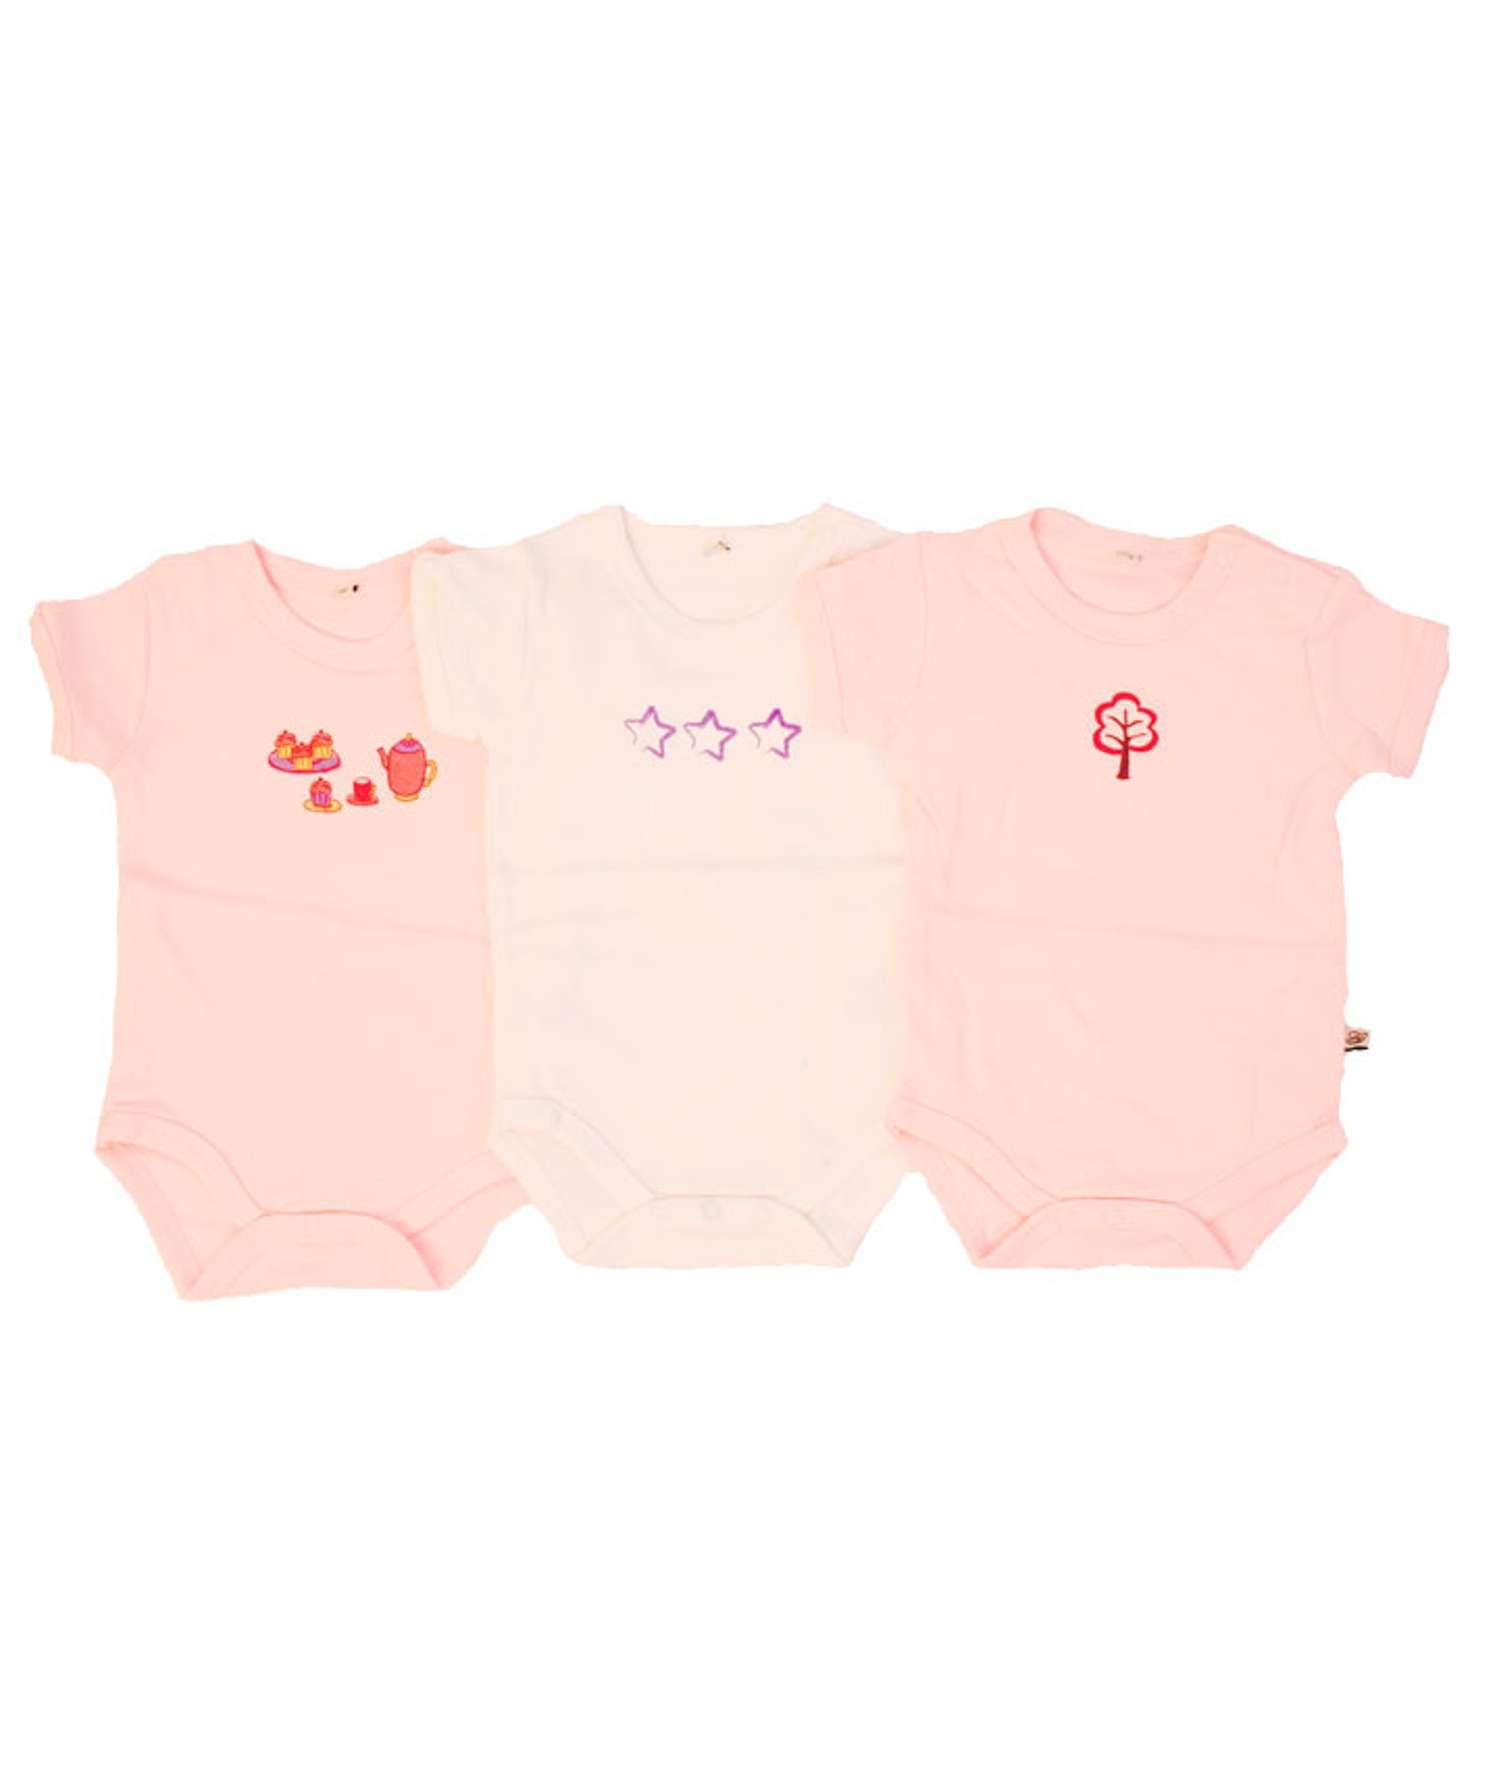 Pippi - Body kortærmet - Rosa - Størrelse 74